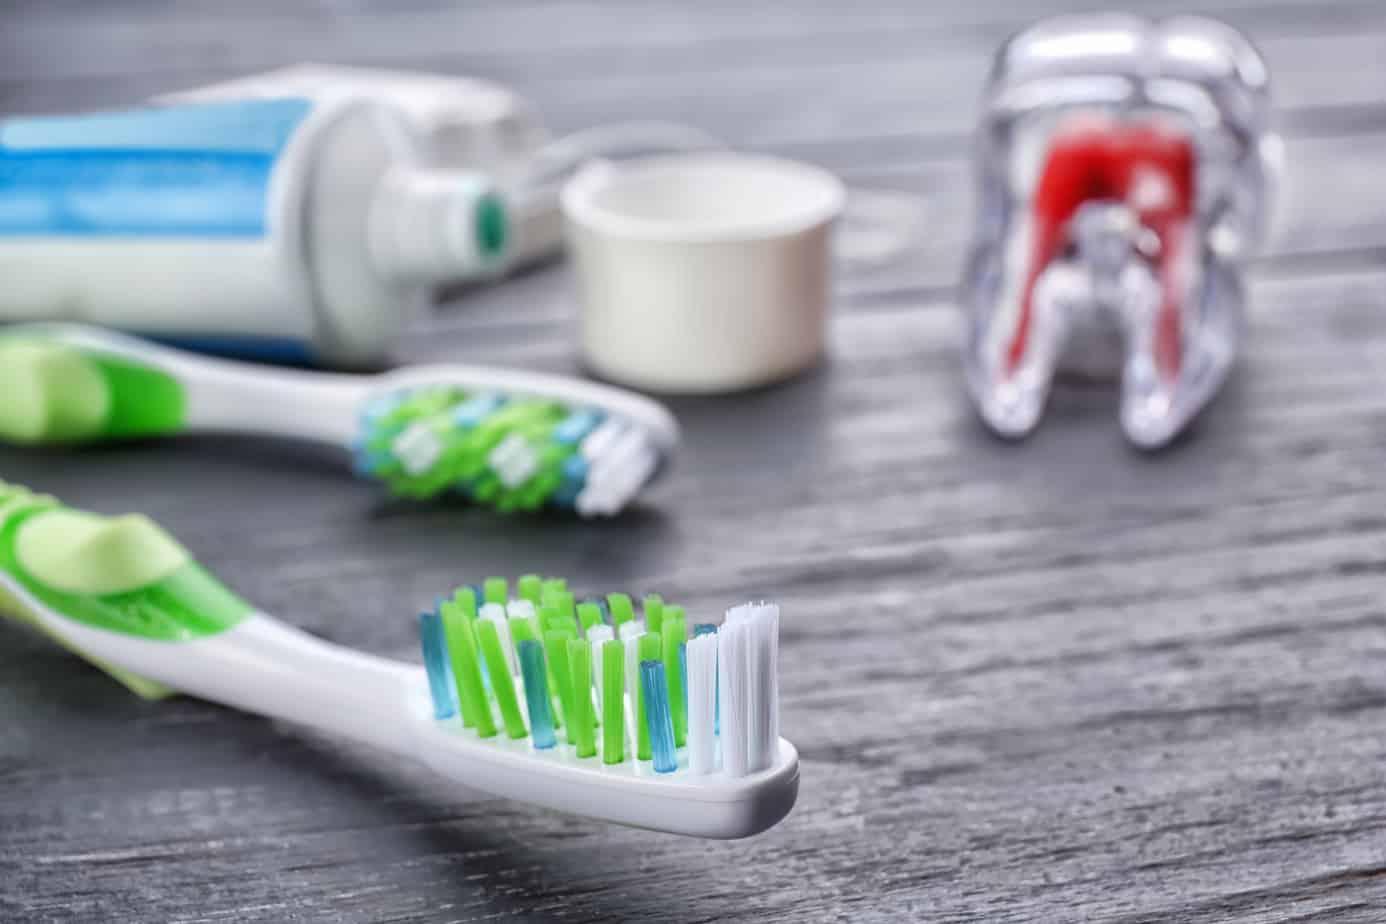 dental tips for nursing mothers